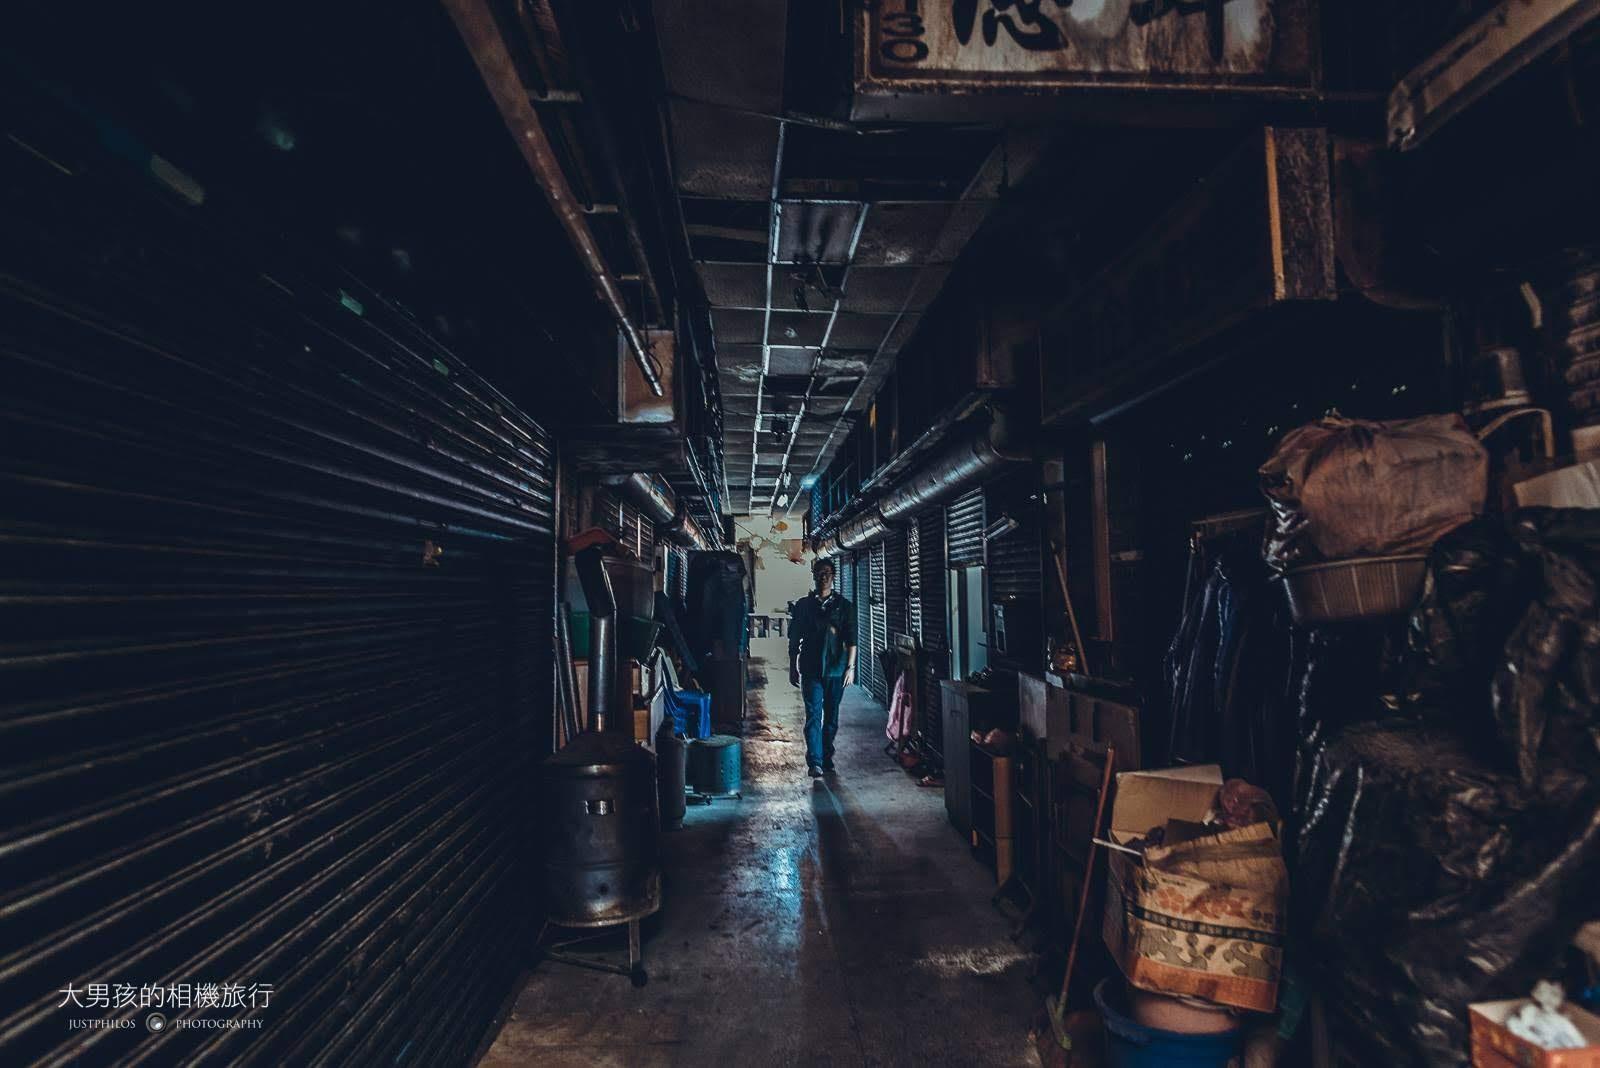 中山陸橋一旁的市場拍起照來也有種寂靜的感覺,很像置身在電影的場景內。